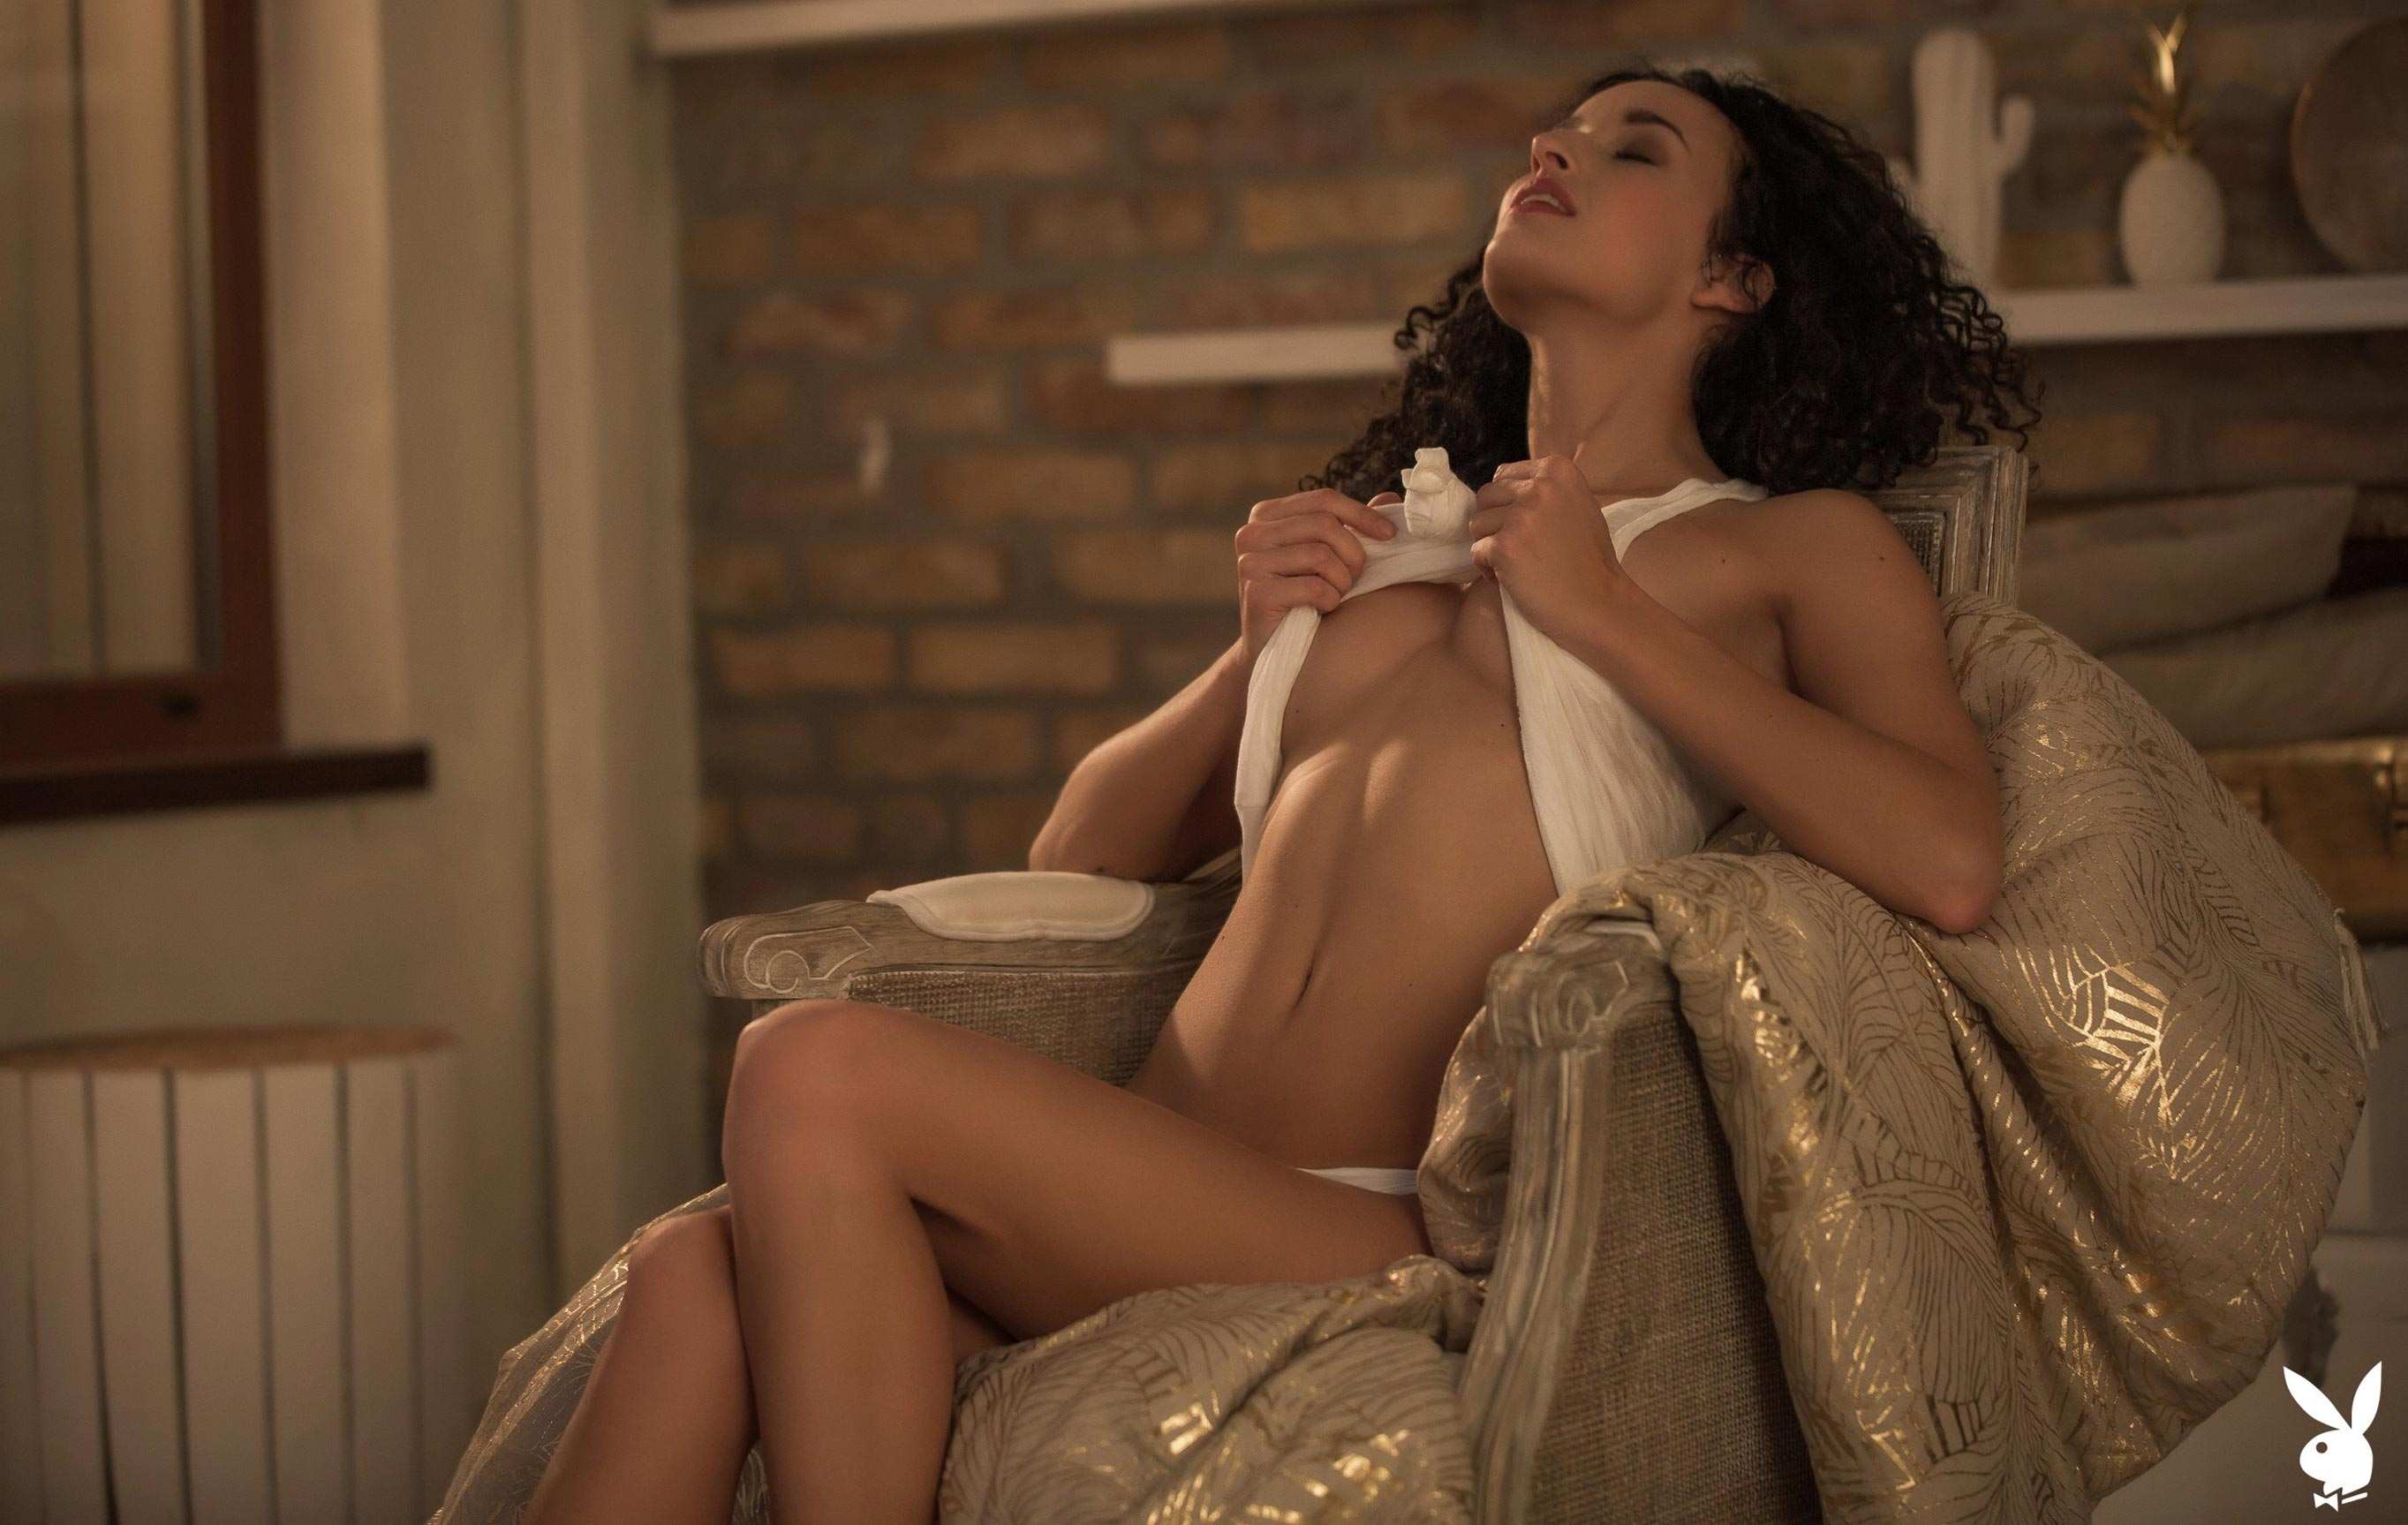 сексуальная венгерская модель Люси в спокойной домашней обстановке / фото 01